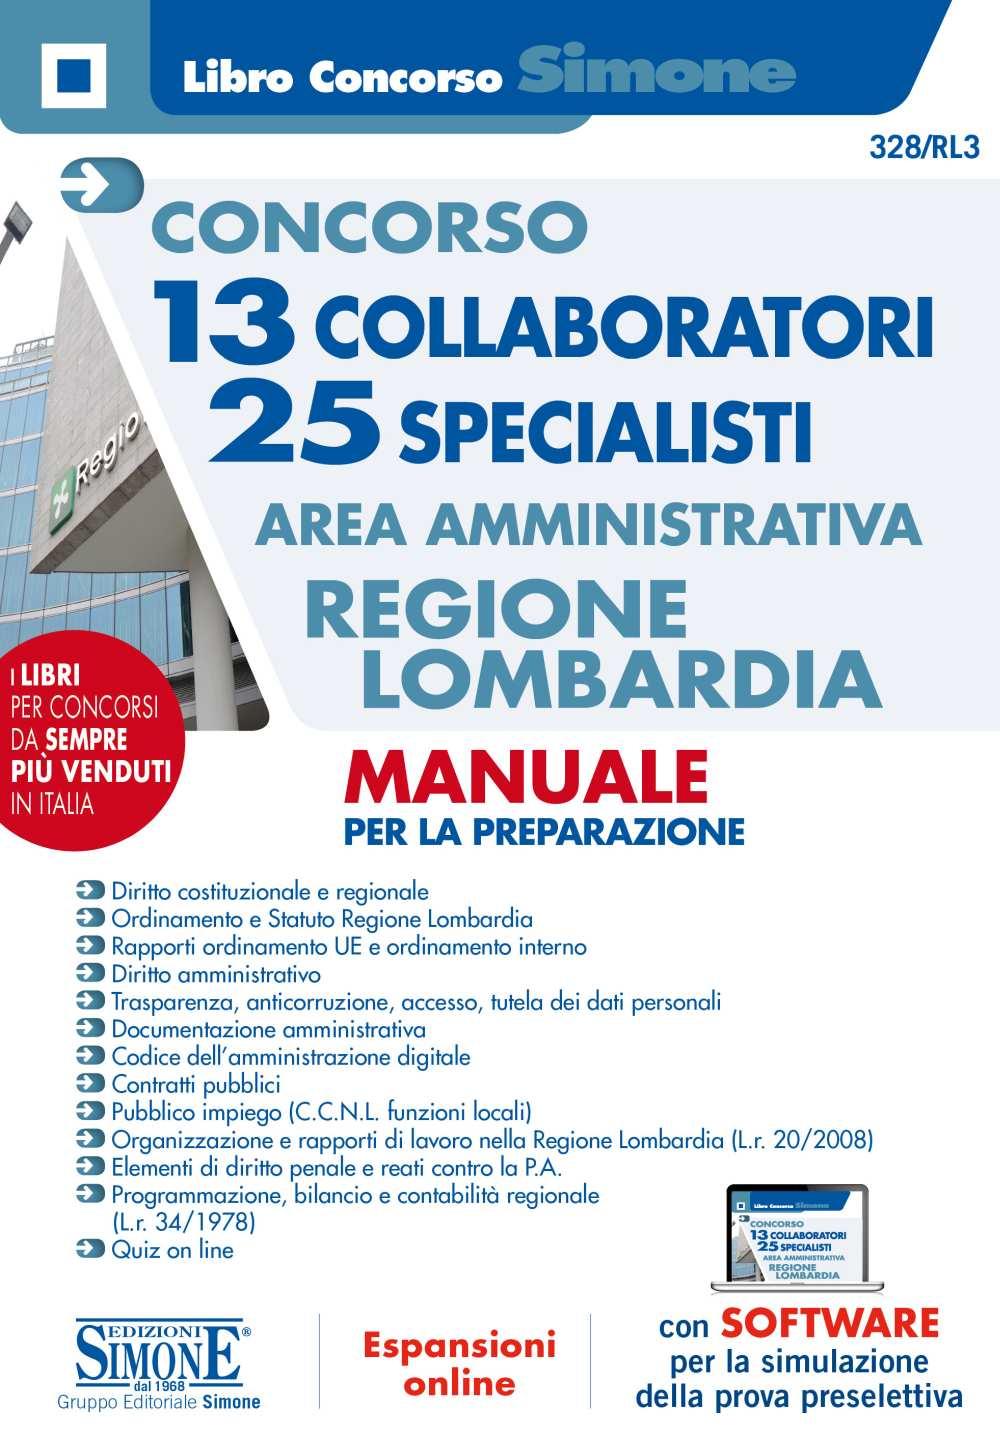 Manuale Concorso 13 Collaboratori 25 Specialisti Area Amministrativa Regione Lombardia